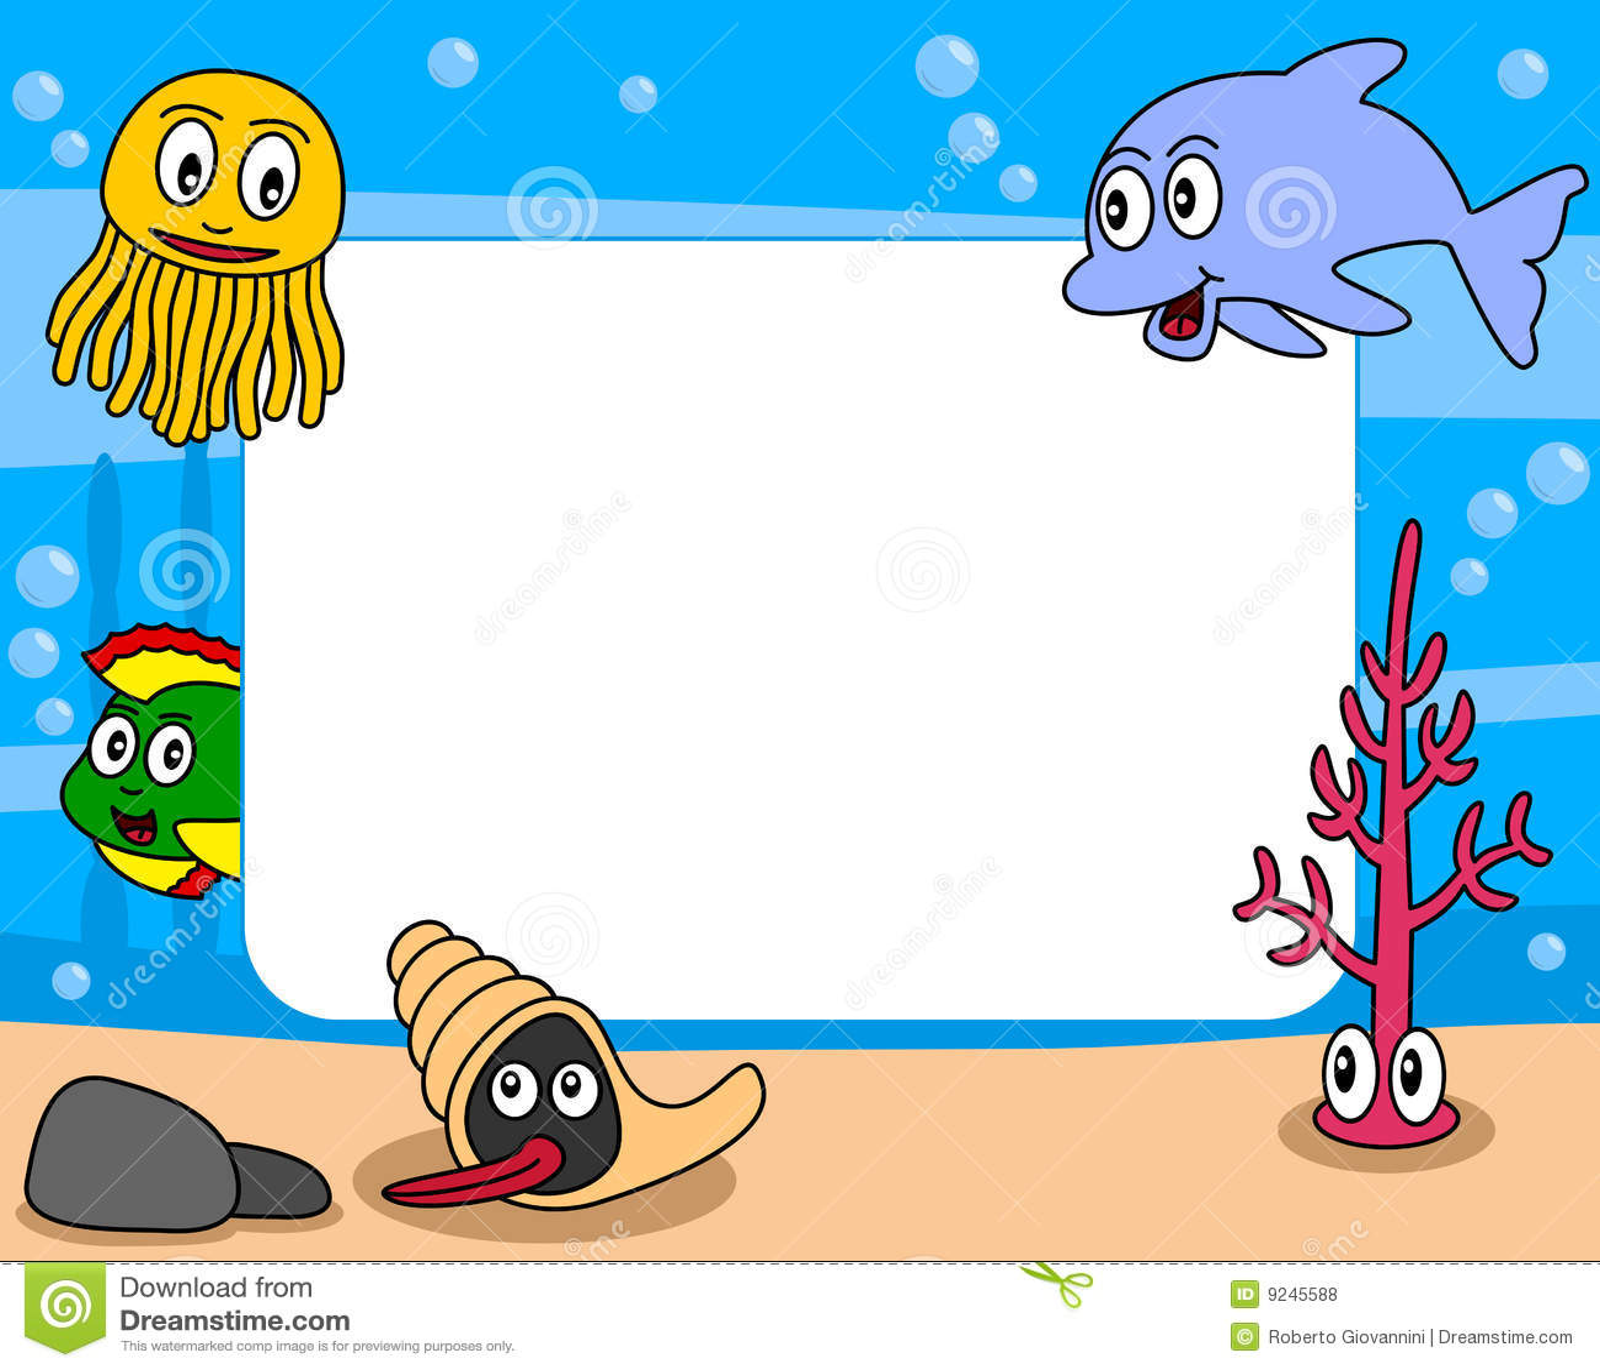 Marco De La Foto De La Vida De Mar 1 Ilustracion Del